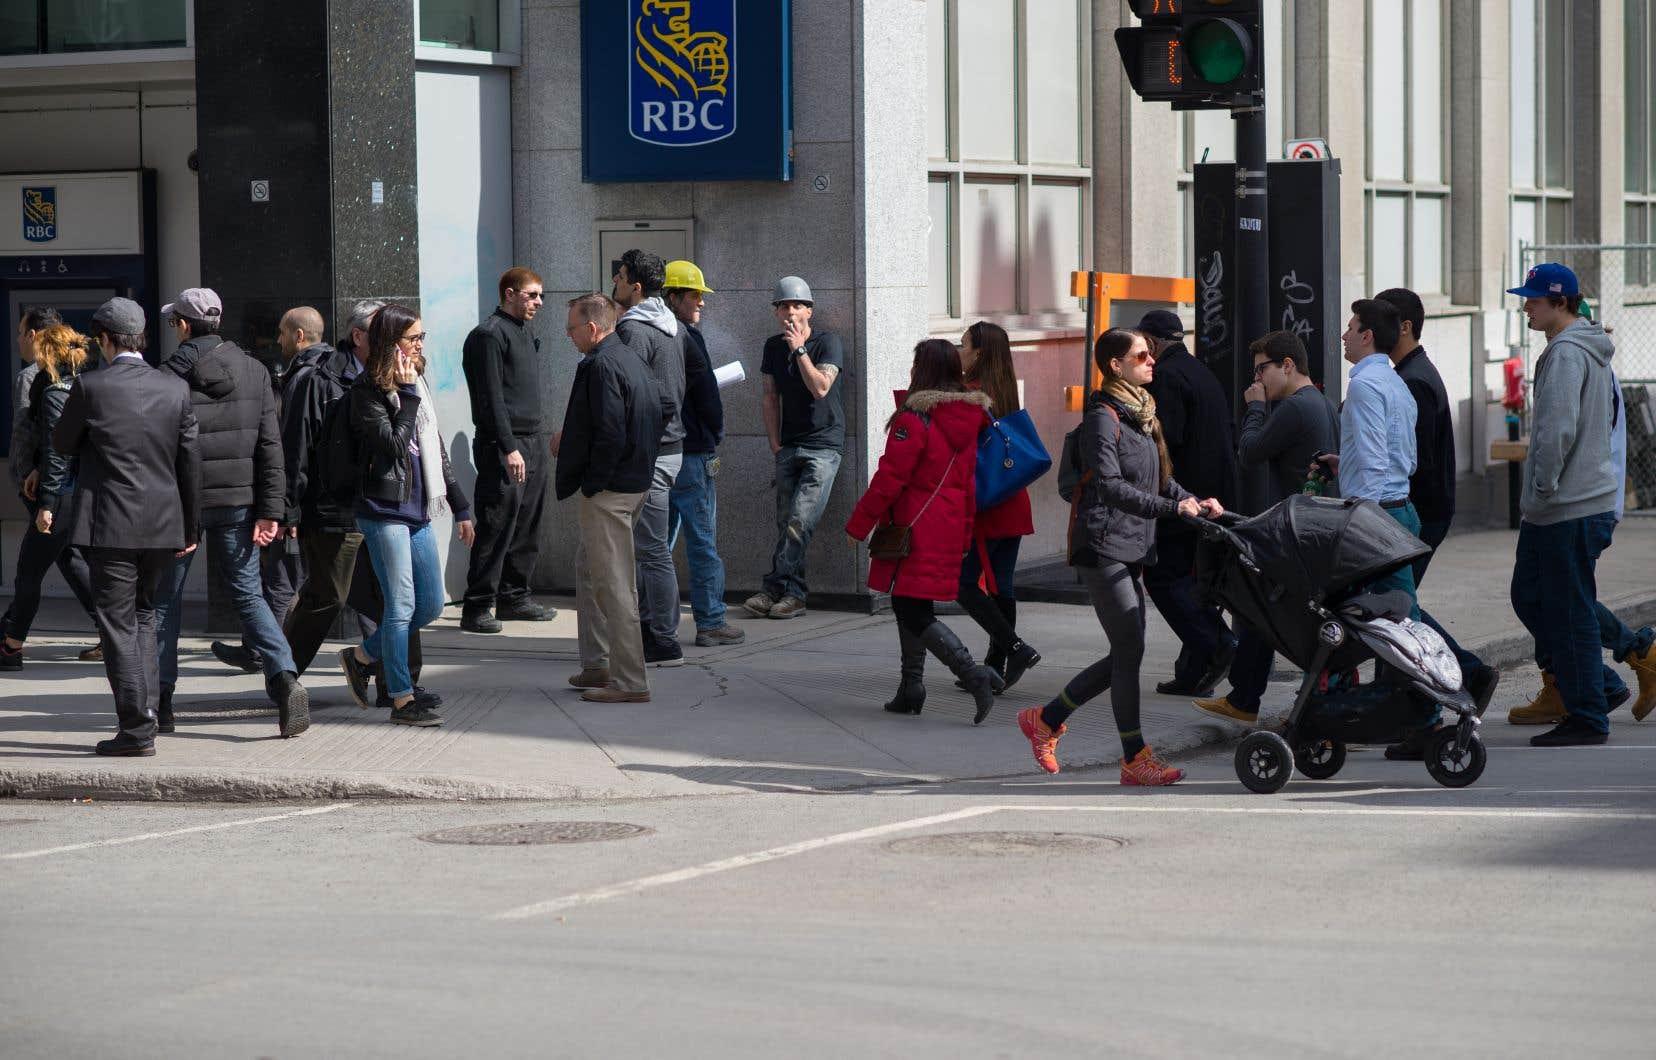 Les Canadiens se disent inquiets du coût de la vie, de la faiblesse du dollar canadien et de la hausse des taux d'intérêt.